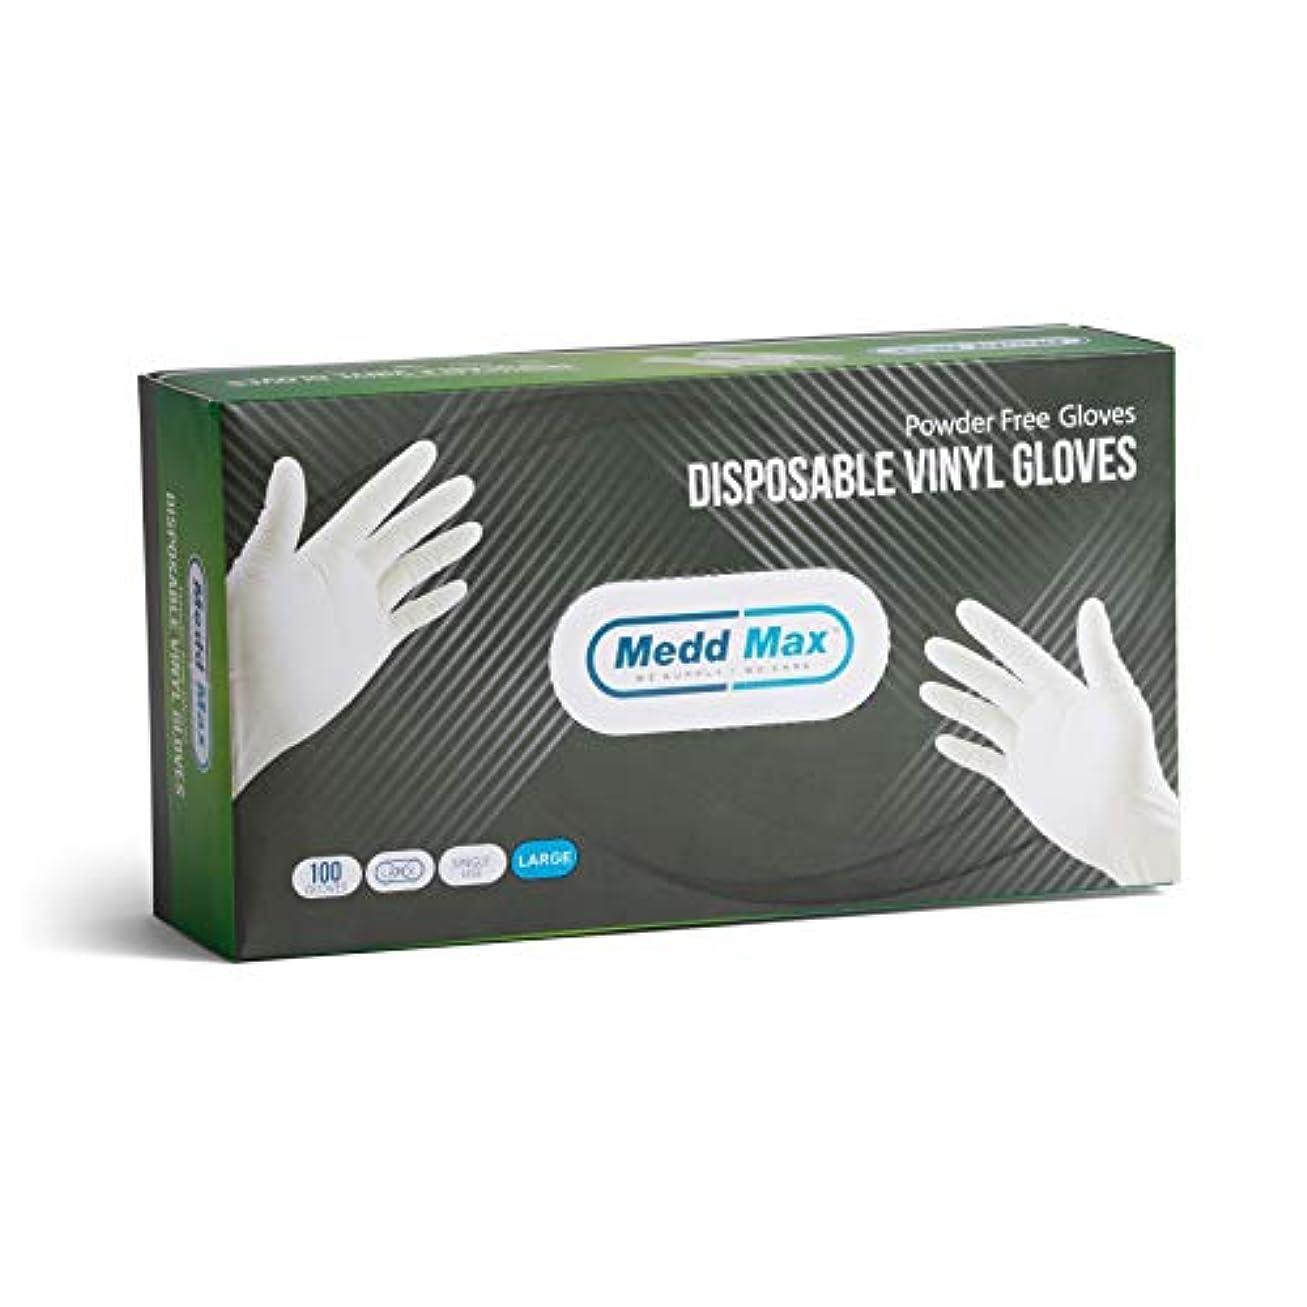 許容できる協力できないMedd Max 使い捨て ビニール手袋 パウダー フリーサイズ ラージ 試験グレード 手袋